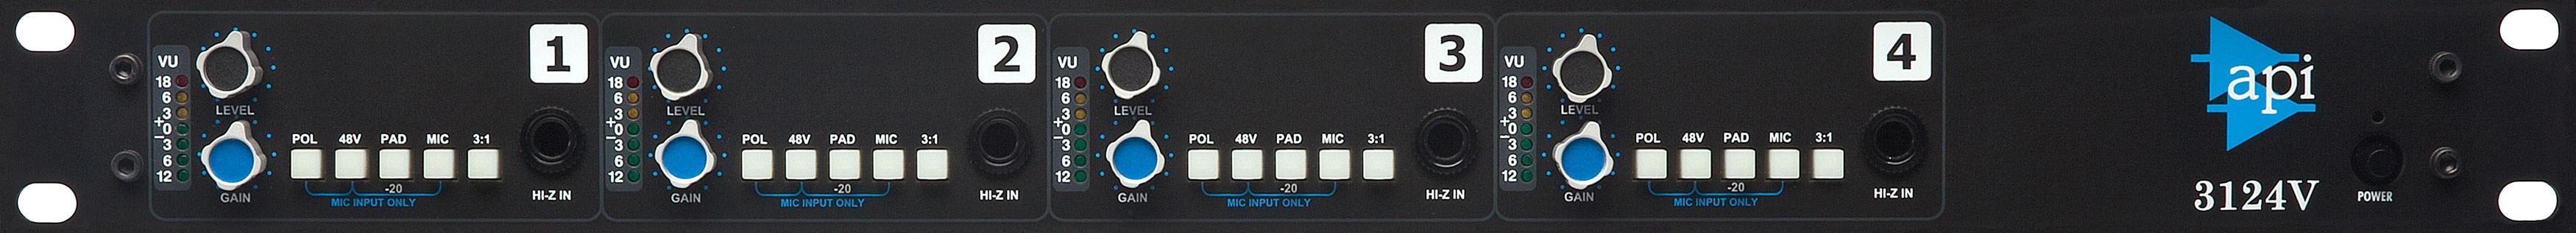 API 3124MV